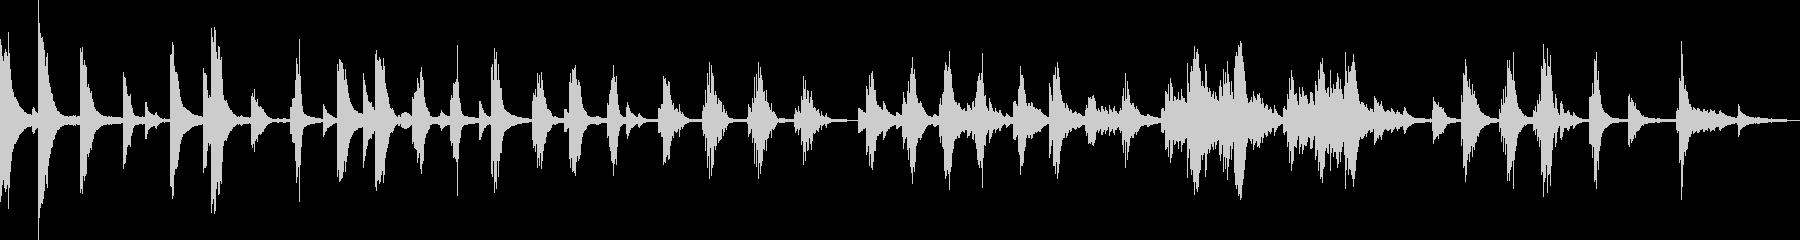 孤独、絶望のピアノバラードの未再生の波形